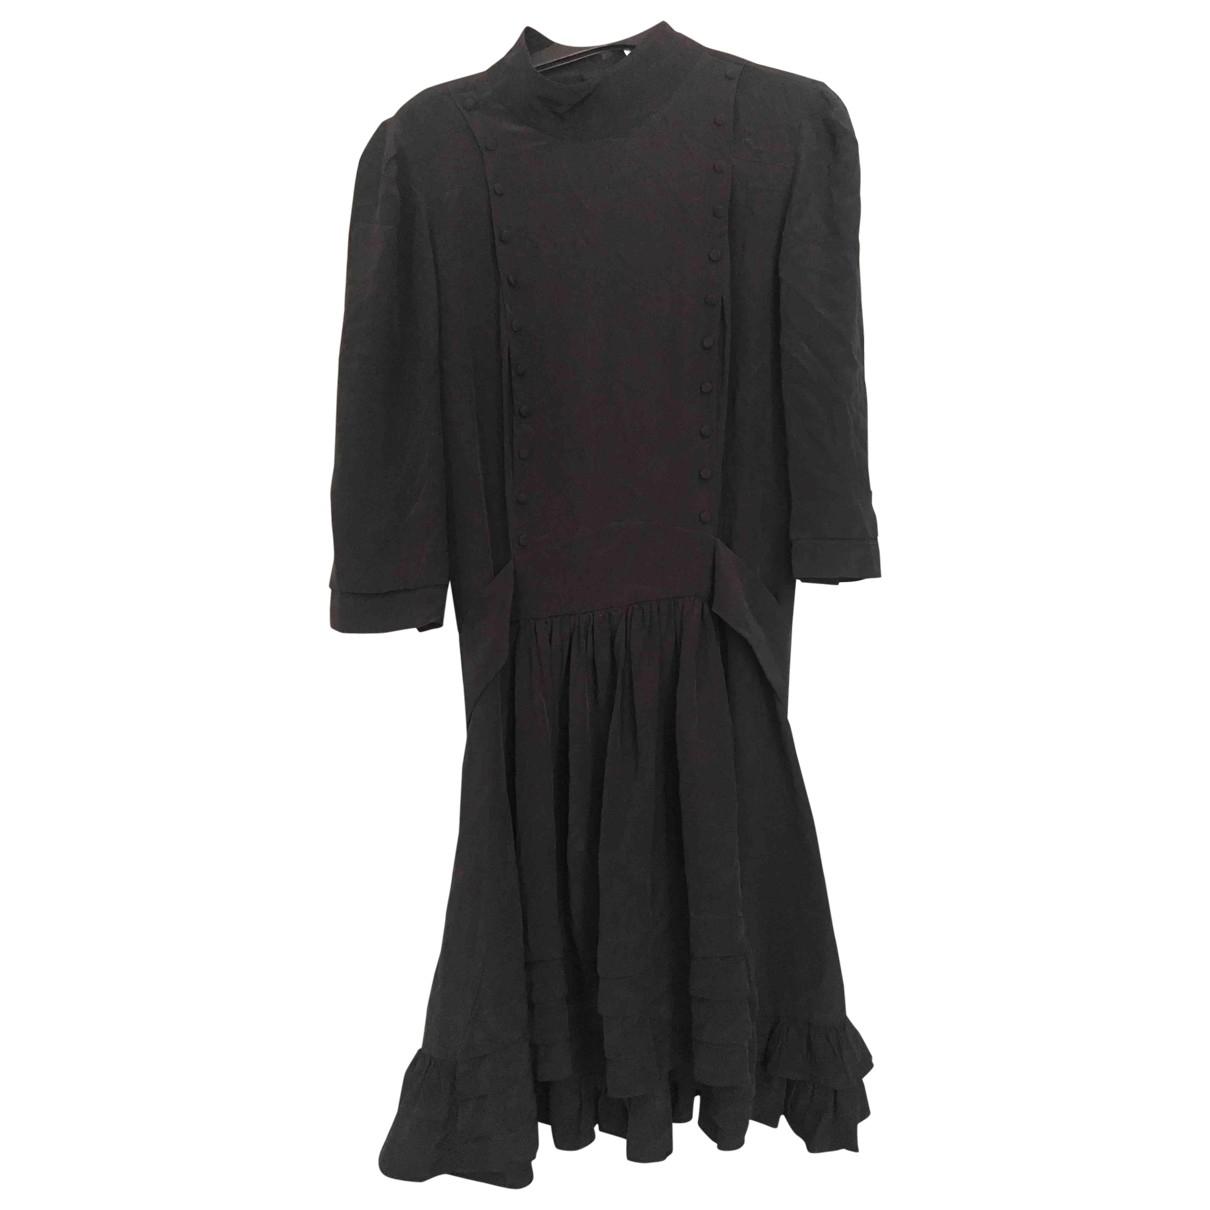 Chloé \N Grey dress for Women 40 FR